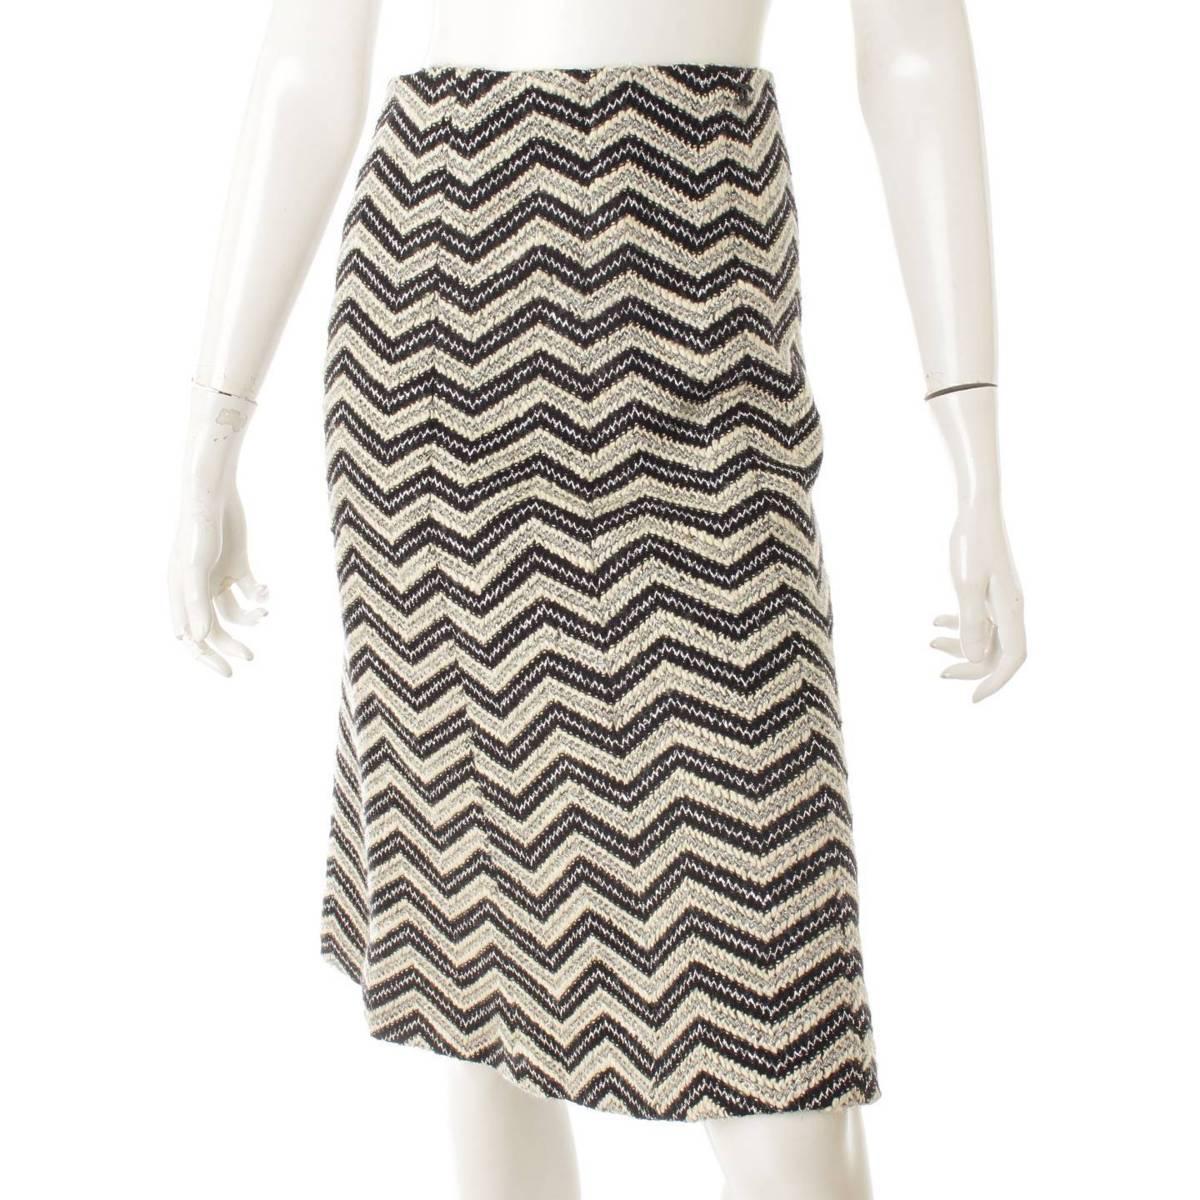 【シャネル】Chanel 02A ココマーク ラインストーン ツイード スカート P19873 ブラック×ホワイト 38 【中古】【鑑定済・正規品保証】80444